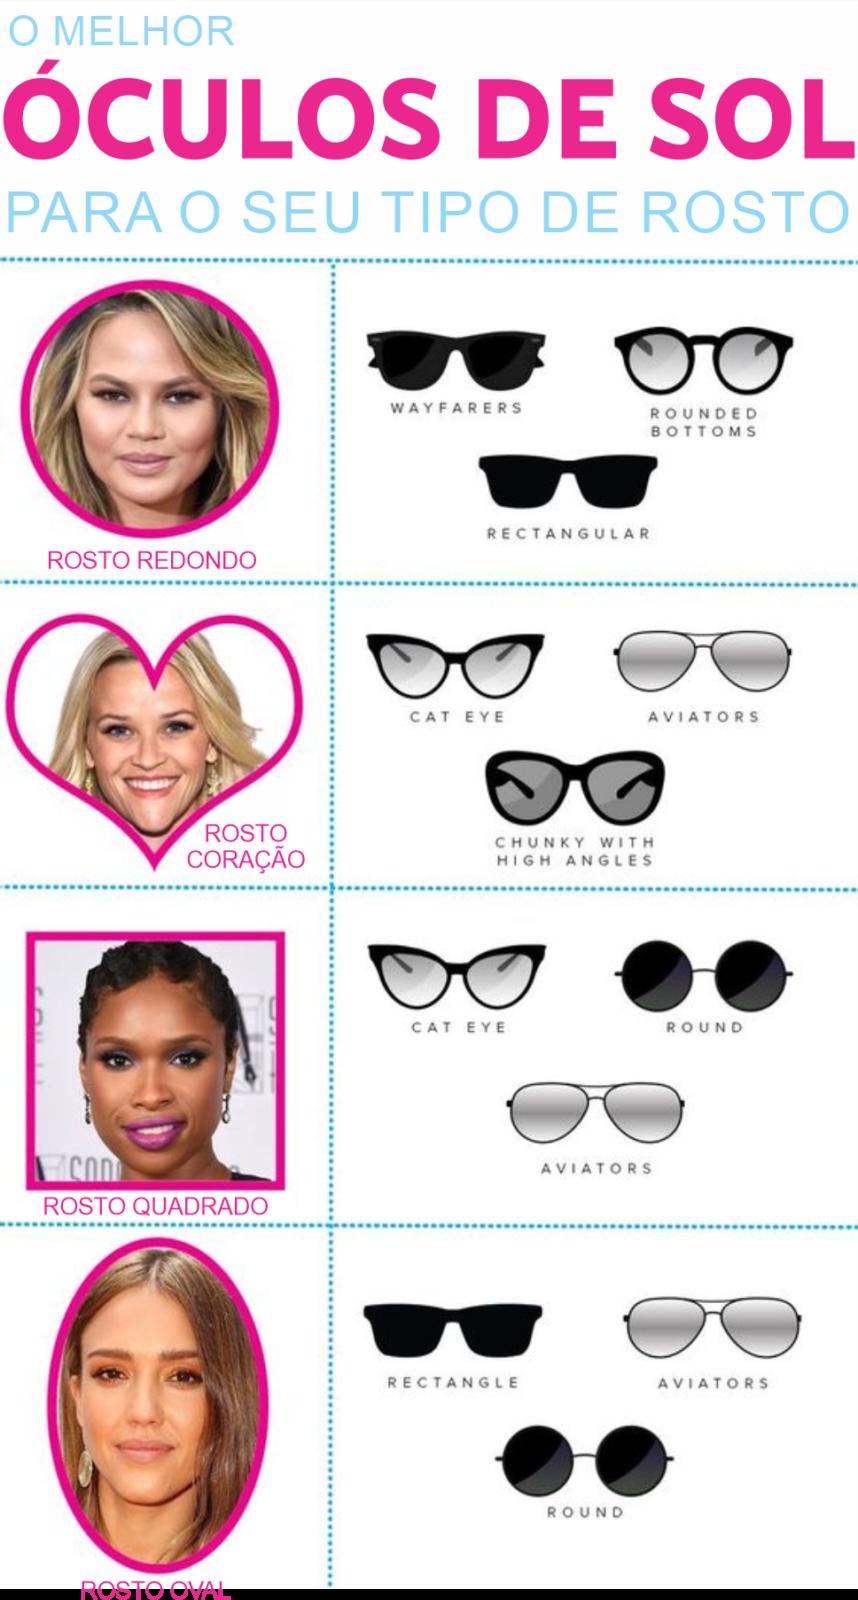 Qual o melhor óculos de sol para o seu tipo de rosto